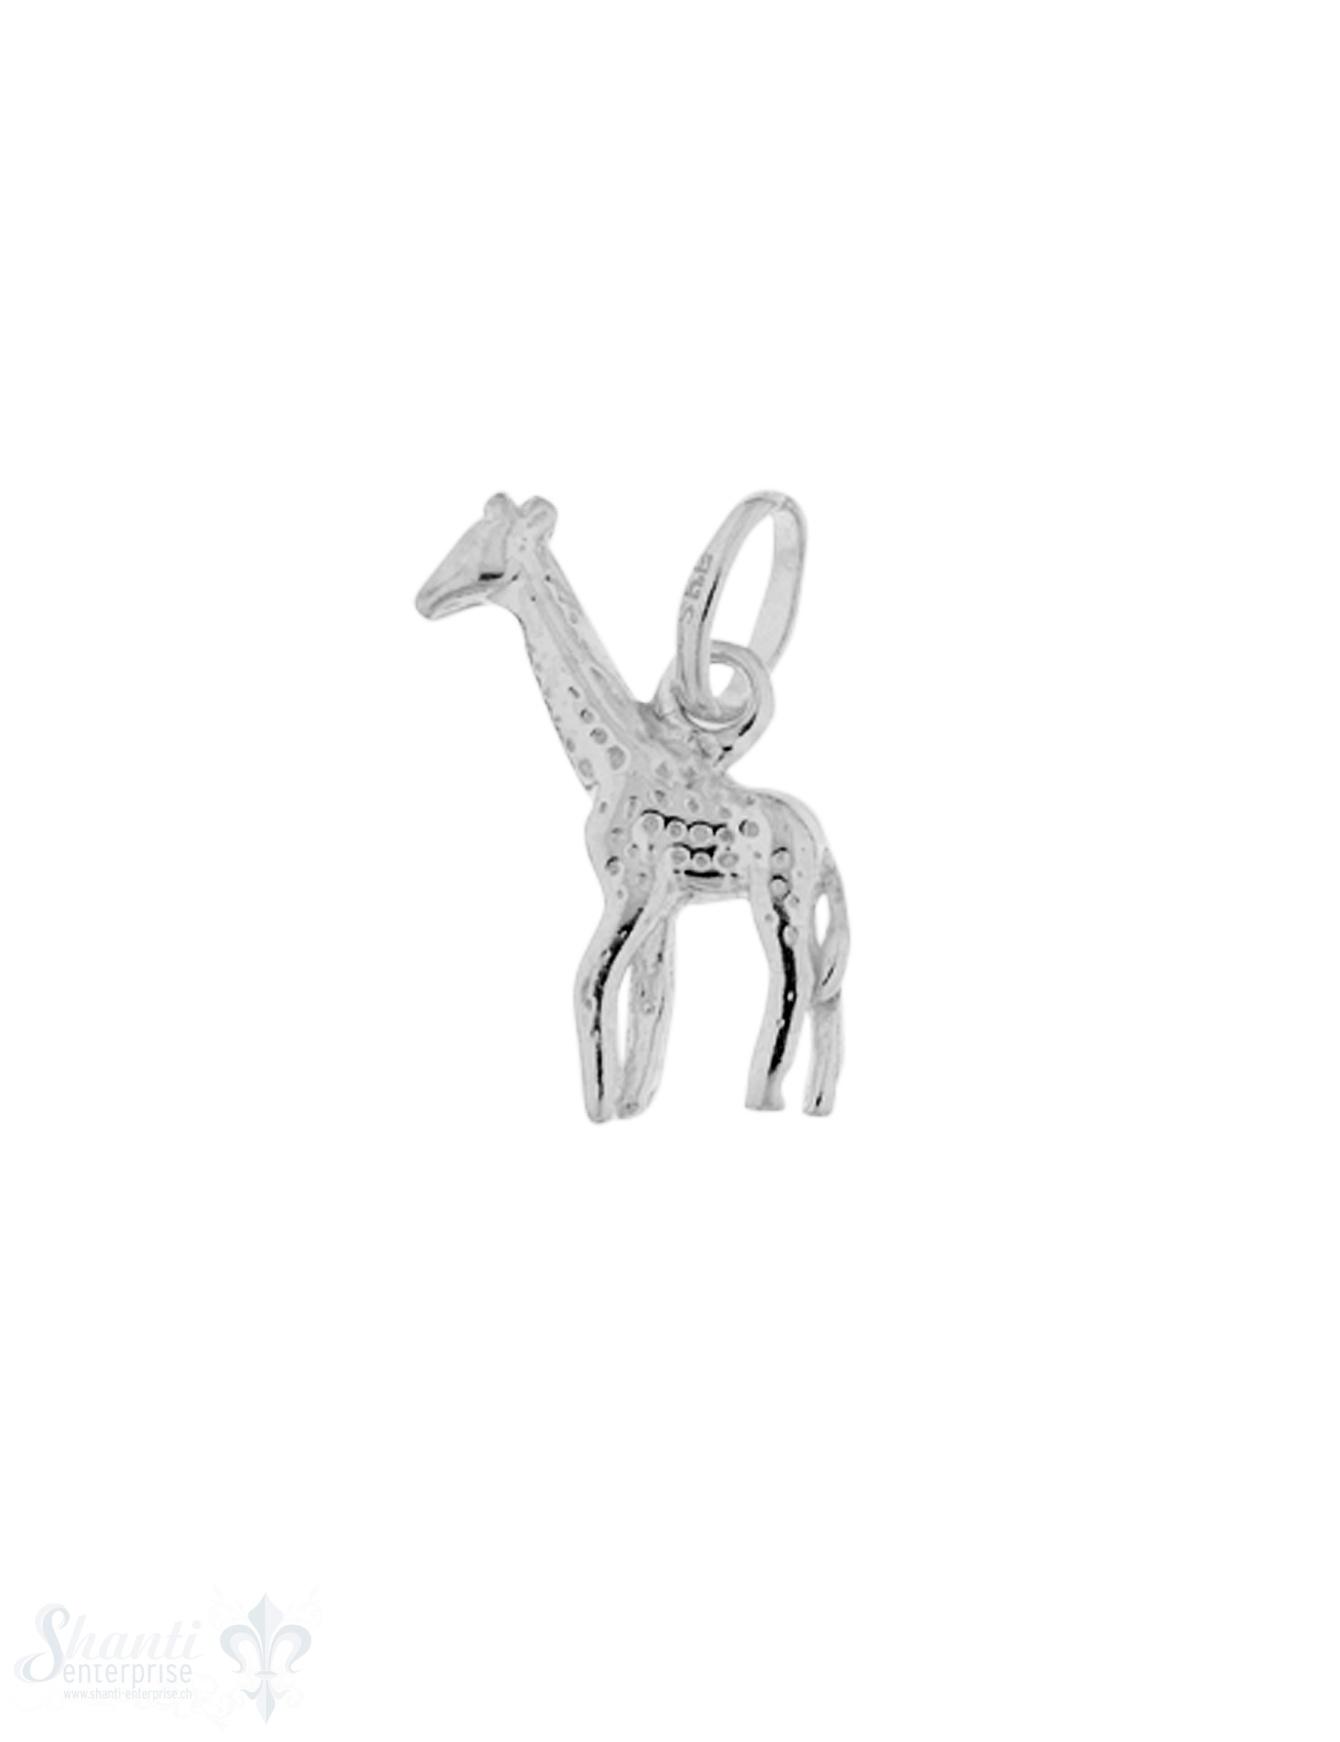 Silbertier: Giraffe mit Öse 5x18 mm